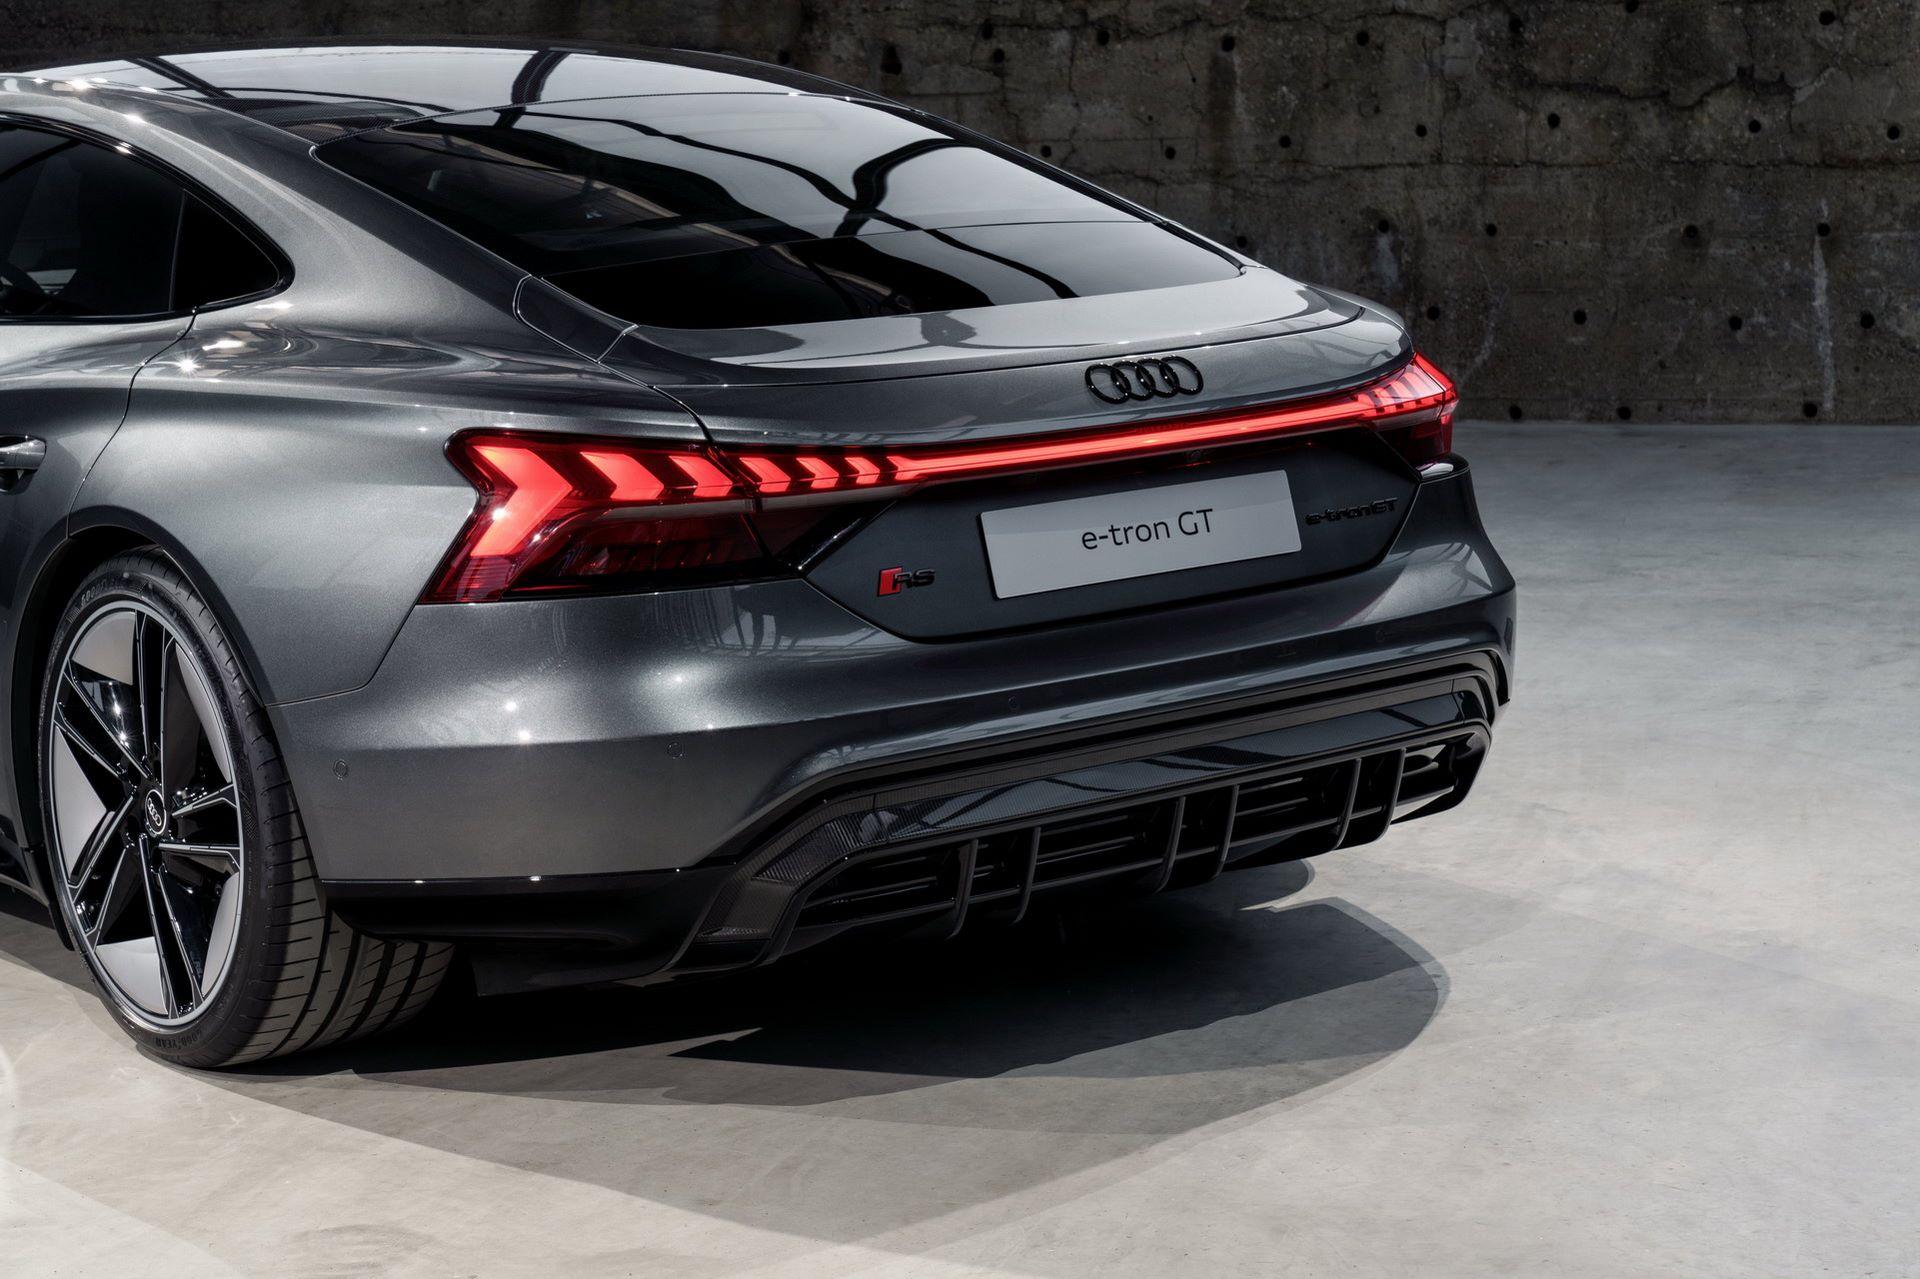 2022-Audi-e-tron-GT-34